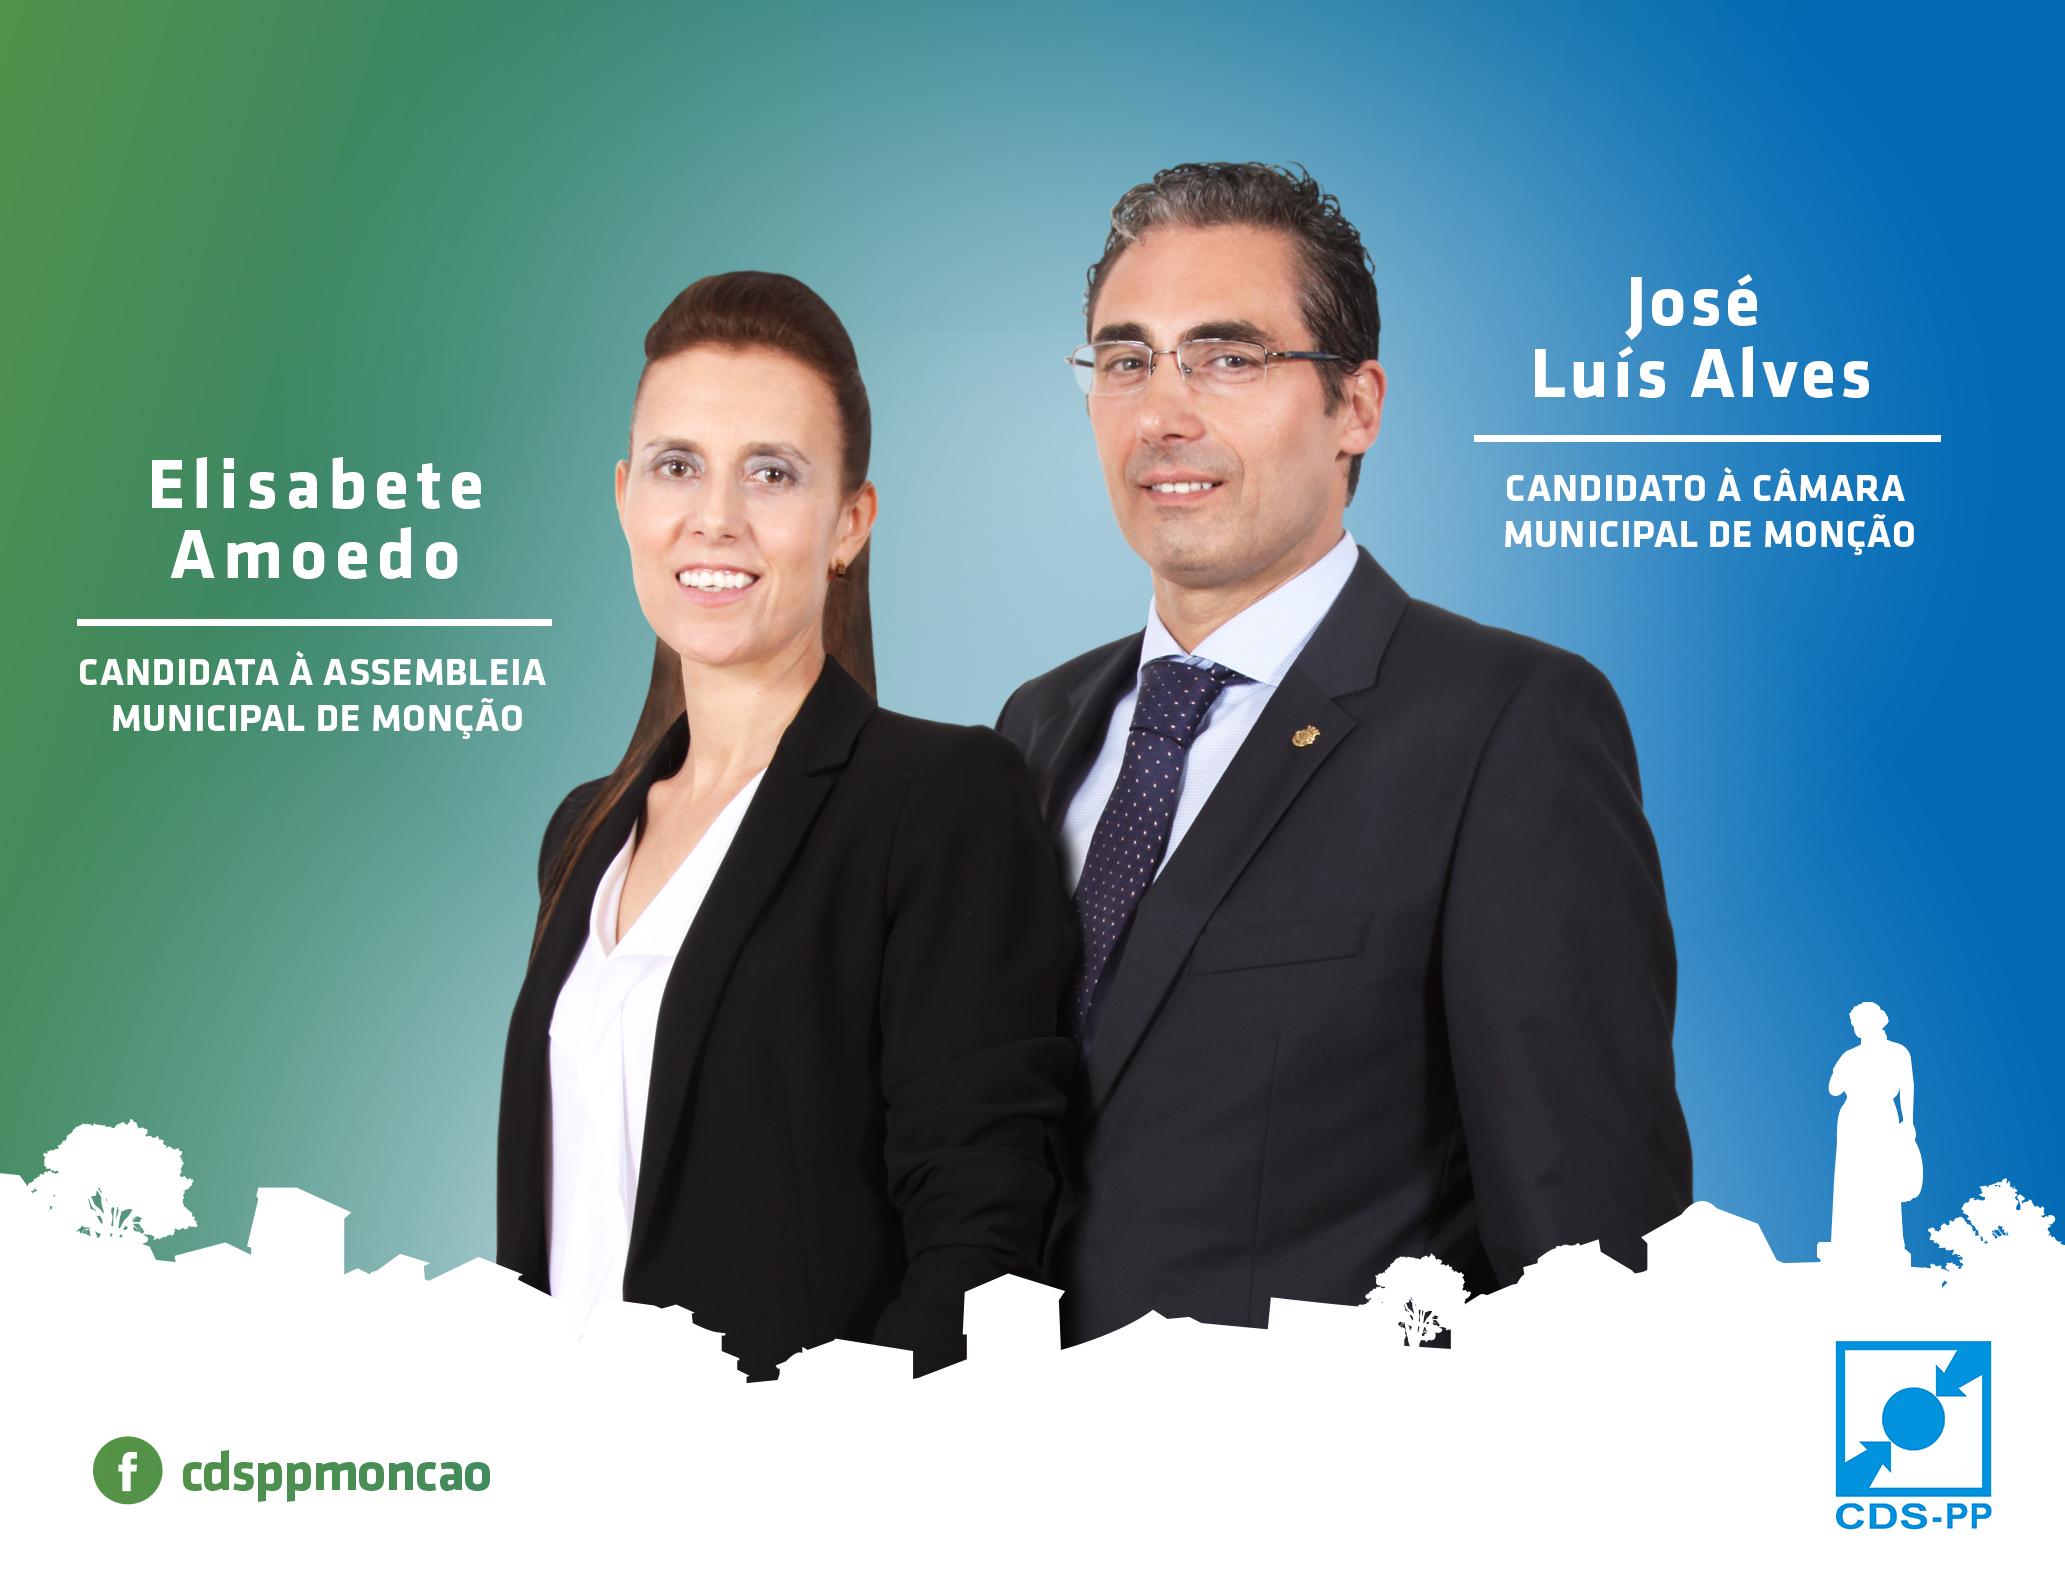 CDS-PP candidata José Luís Alves à Câmara de Monção